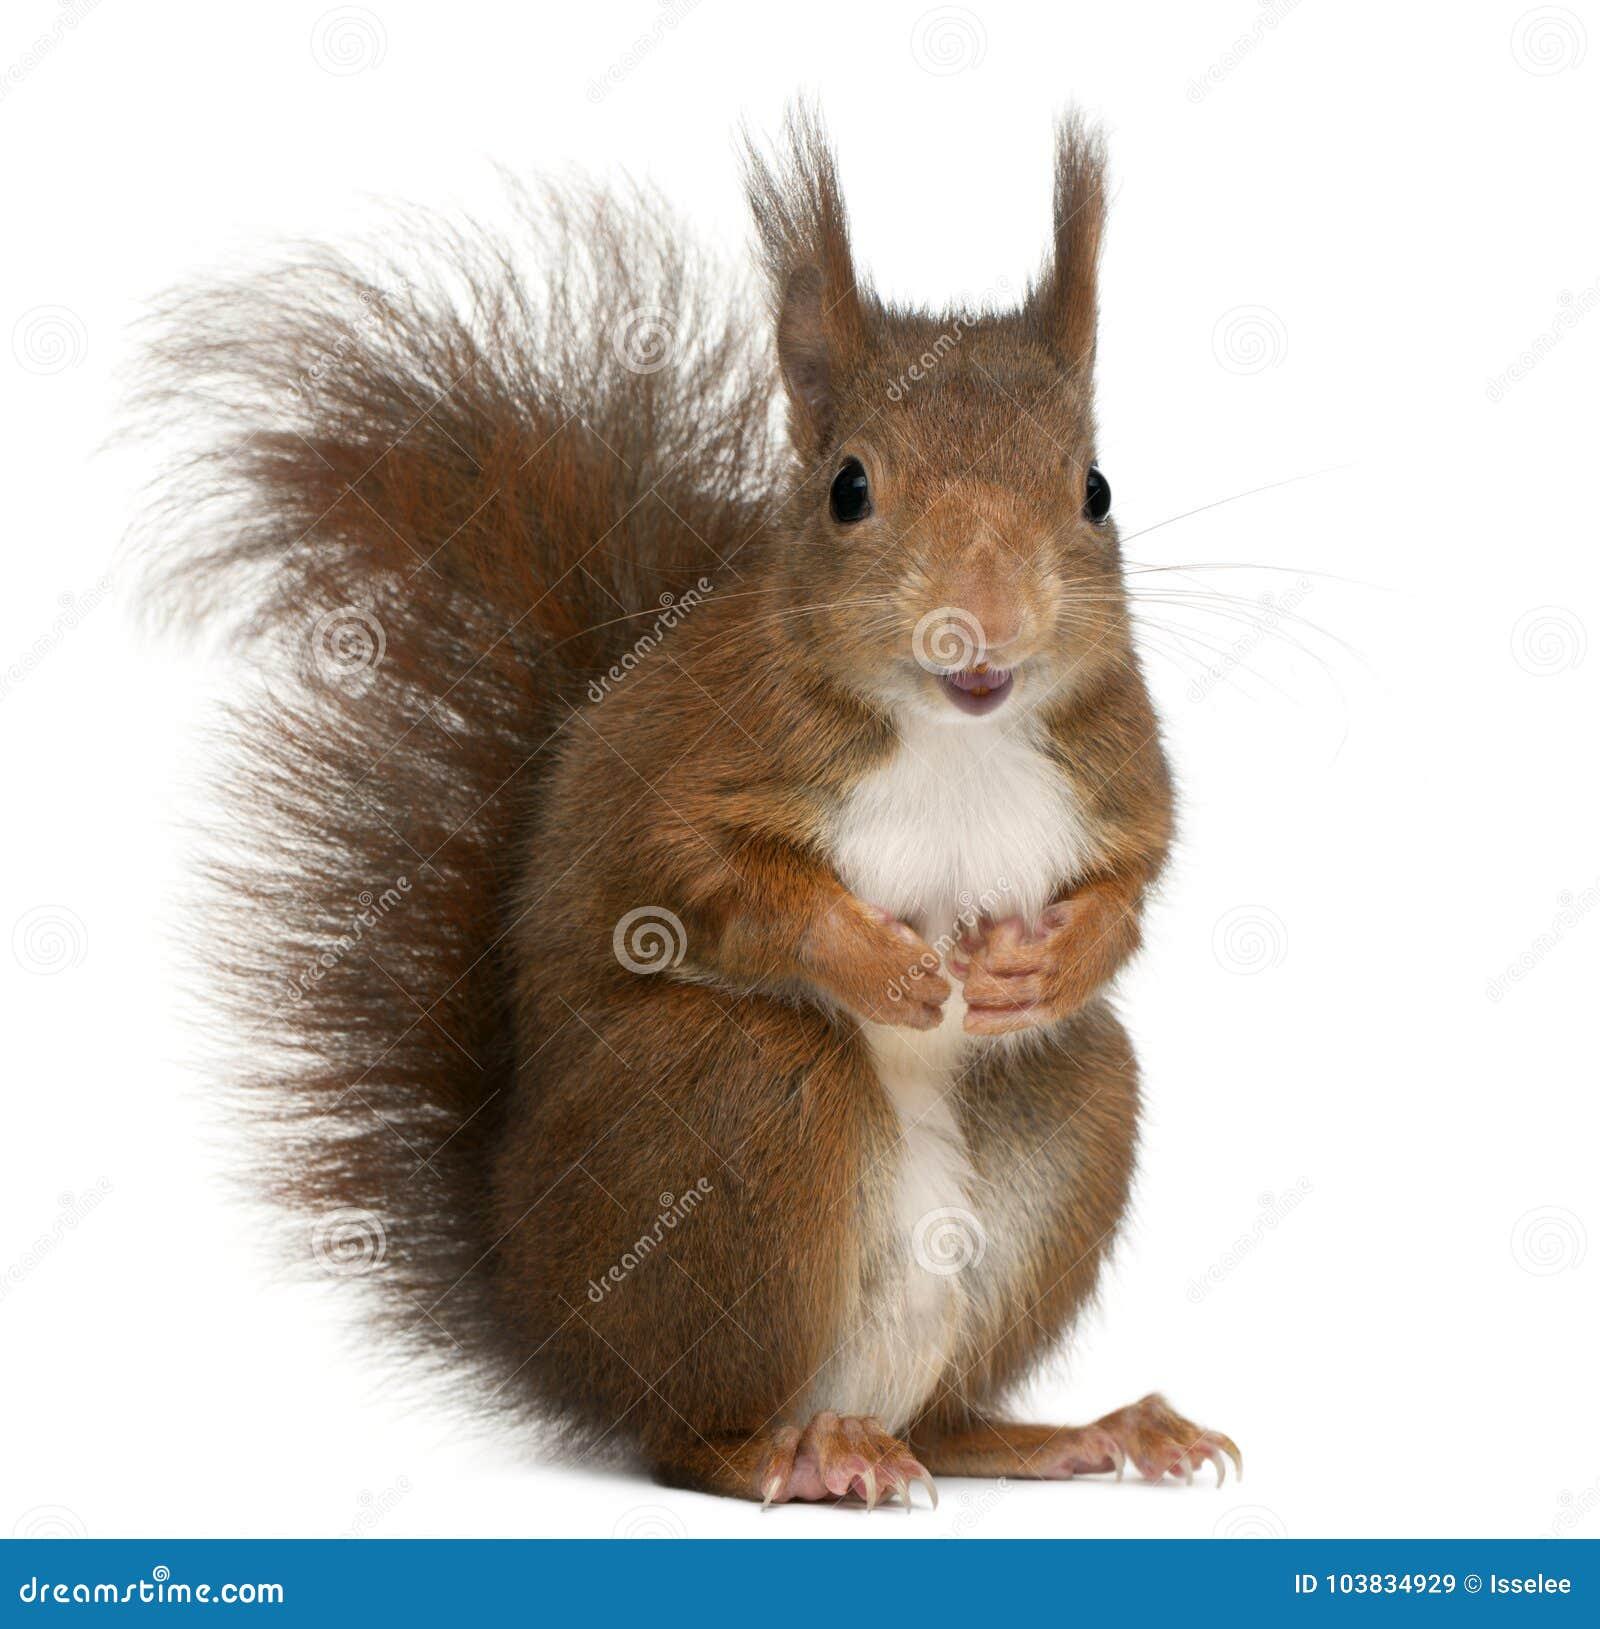 Ευρασιατικός κόκκινος σκίουρος, Sciurus vulgaris, 4 χρονών, στο μπροστινό ο